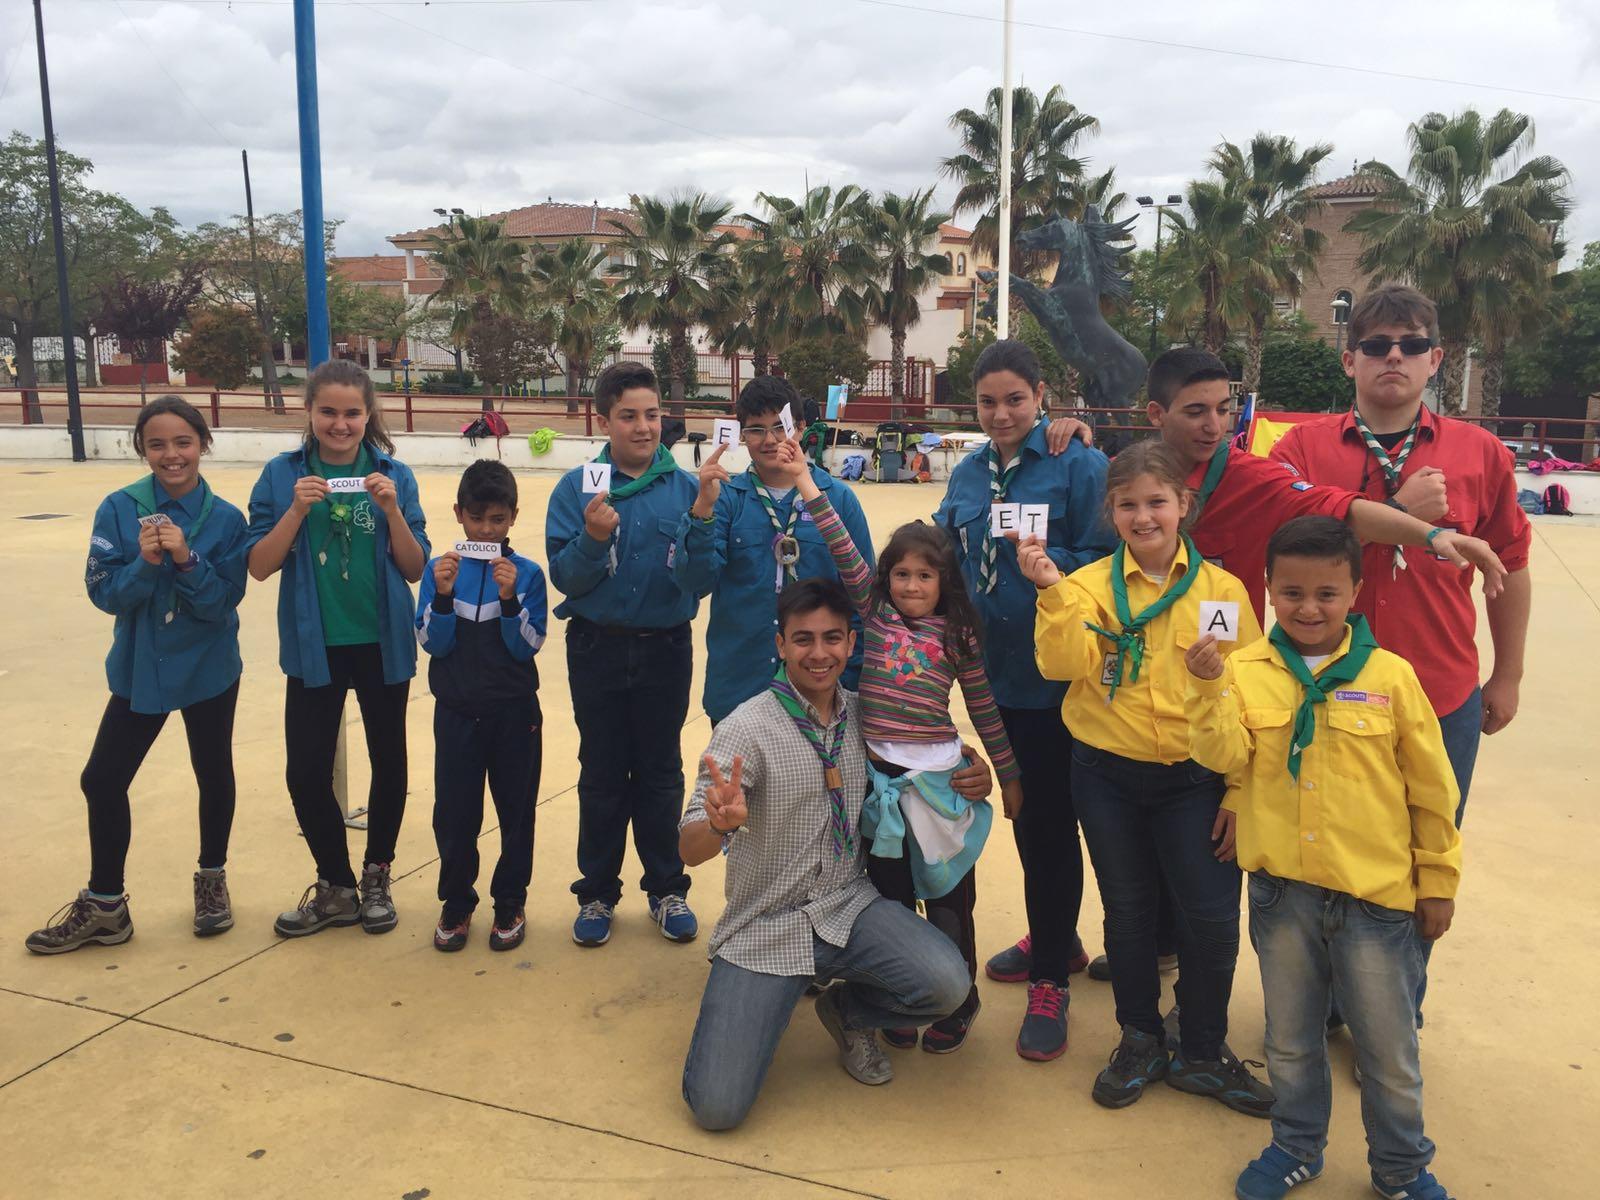 Grupo - Gójar 13 - 15-16